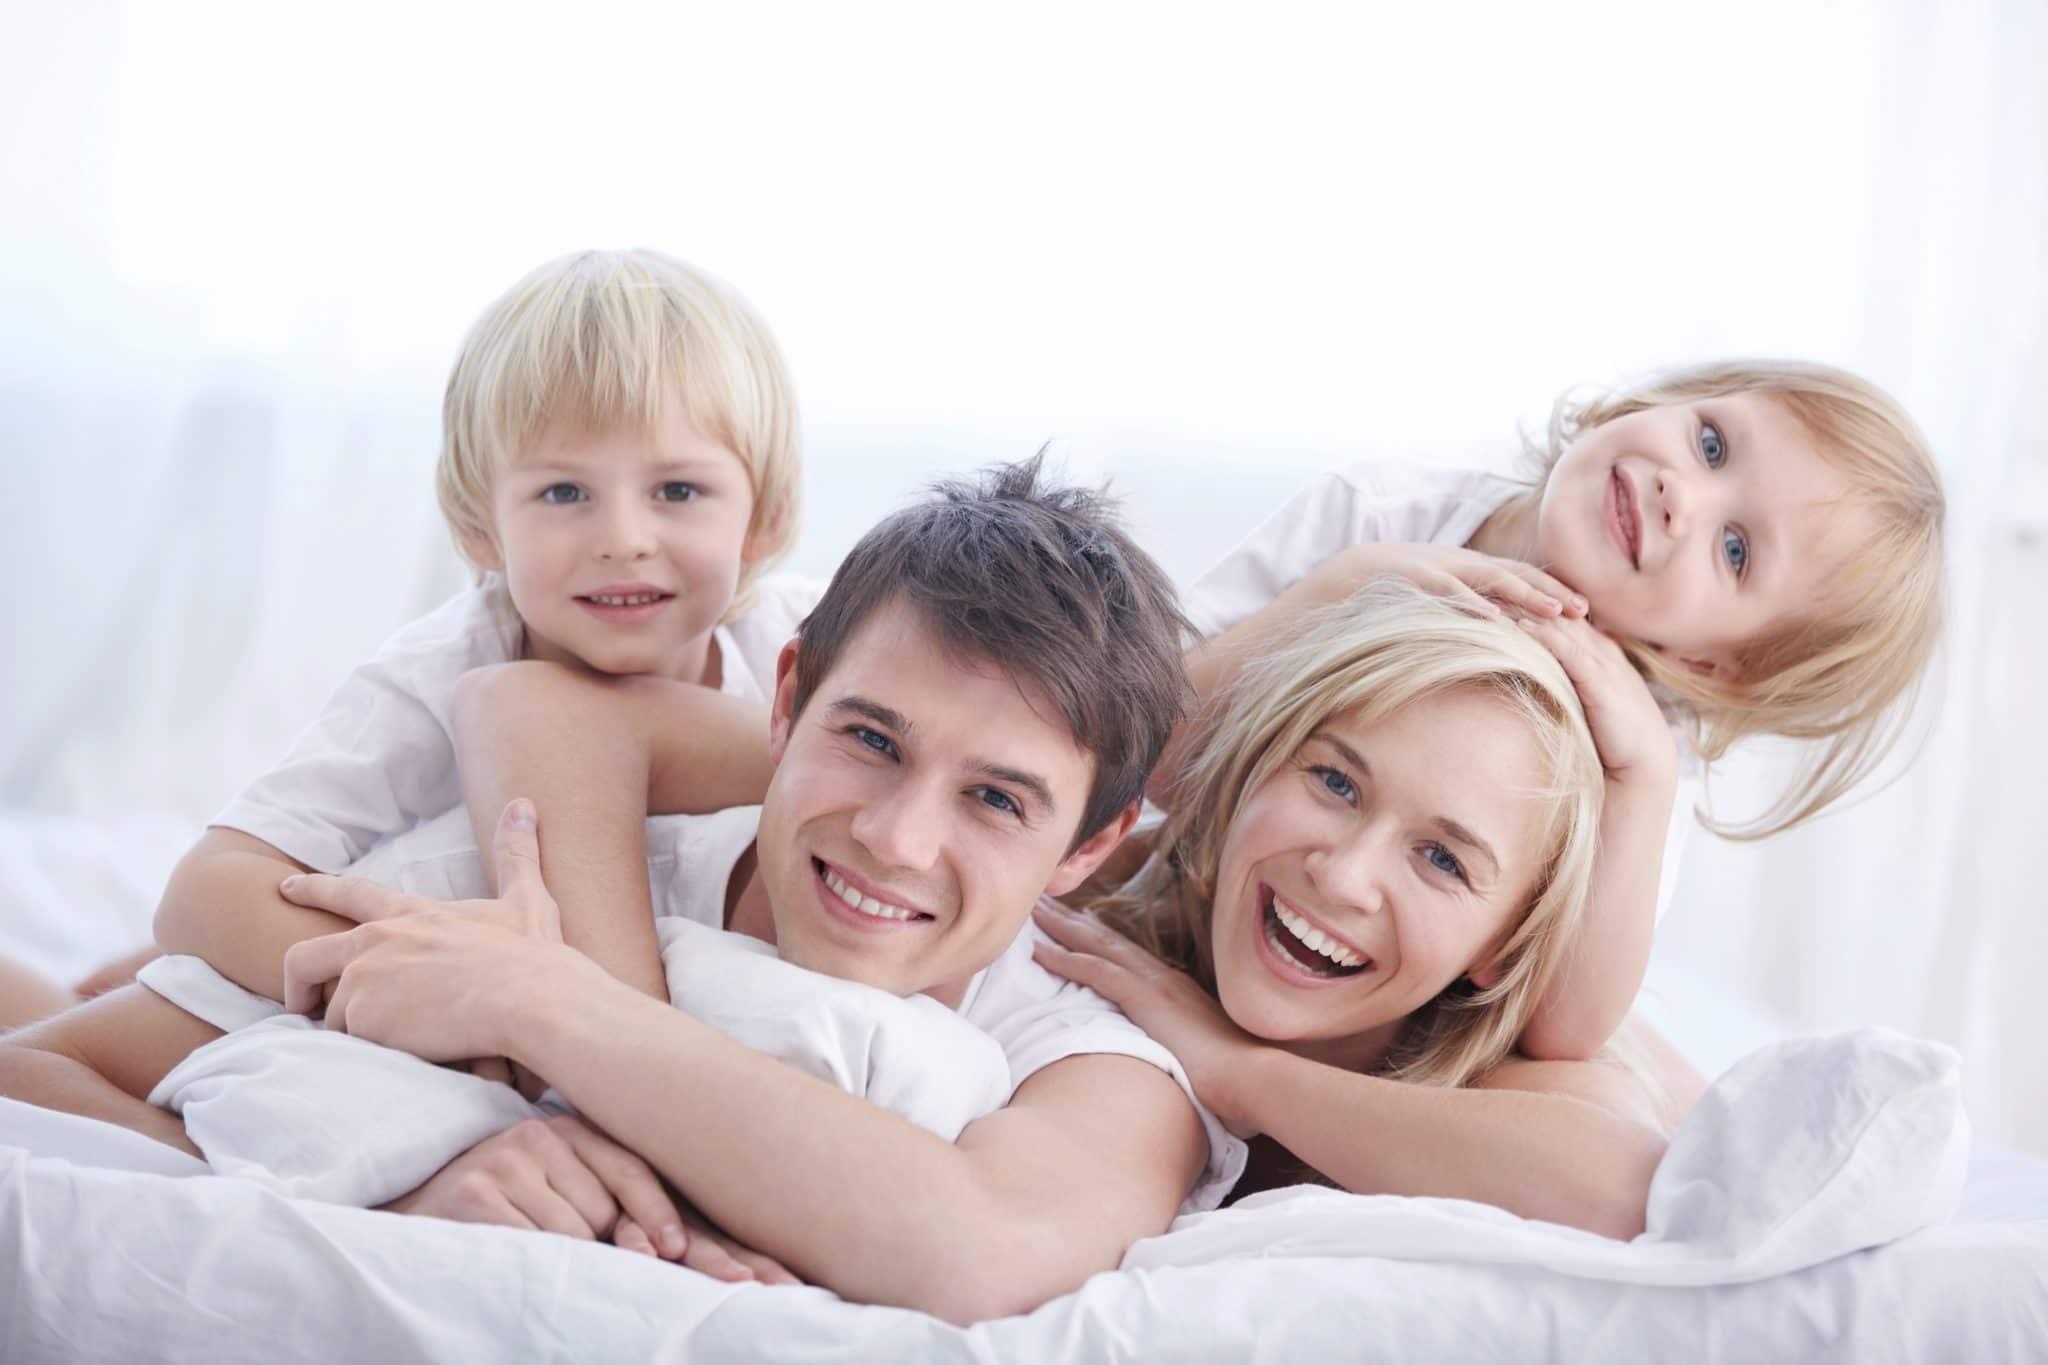 Familia seguro de vida entera